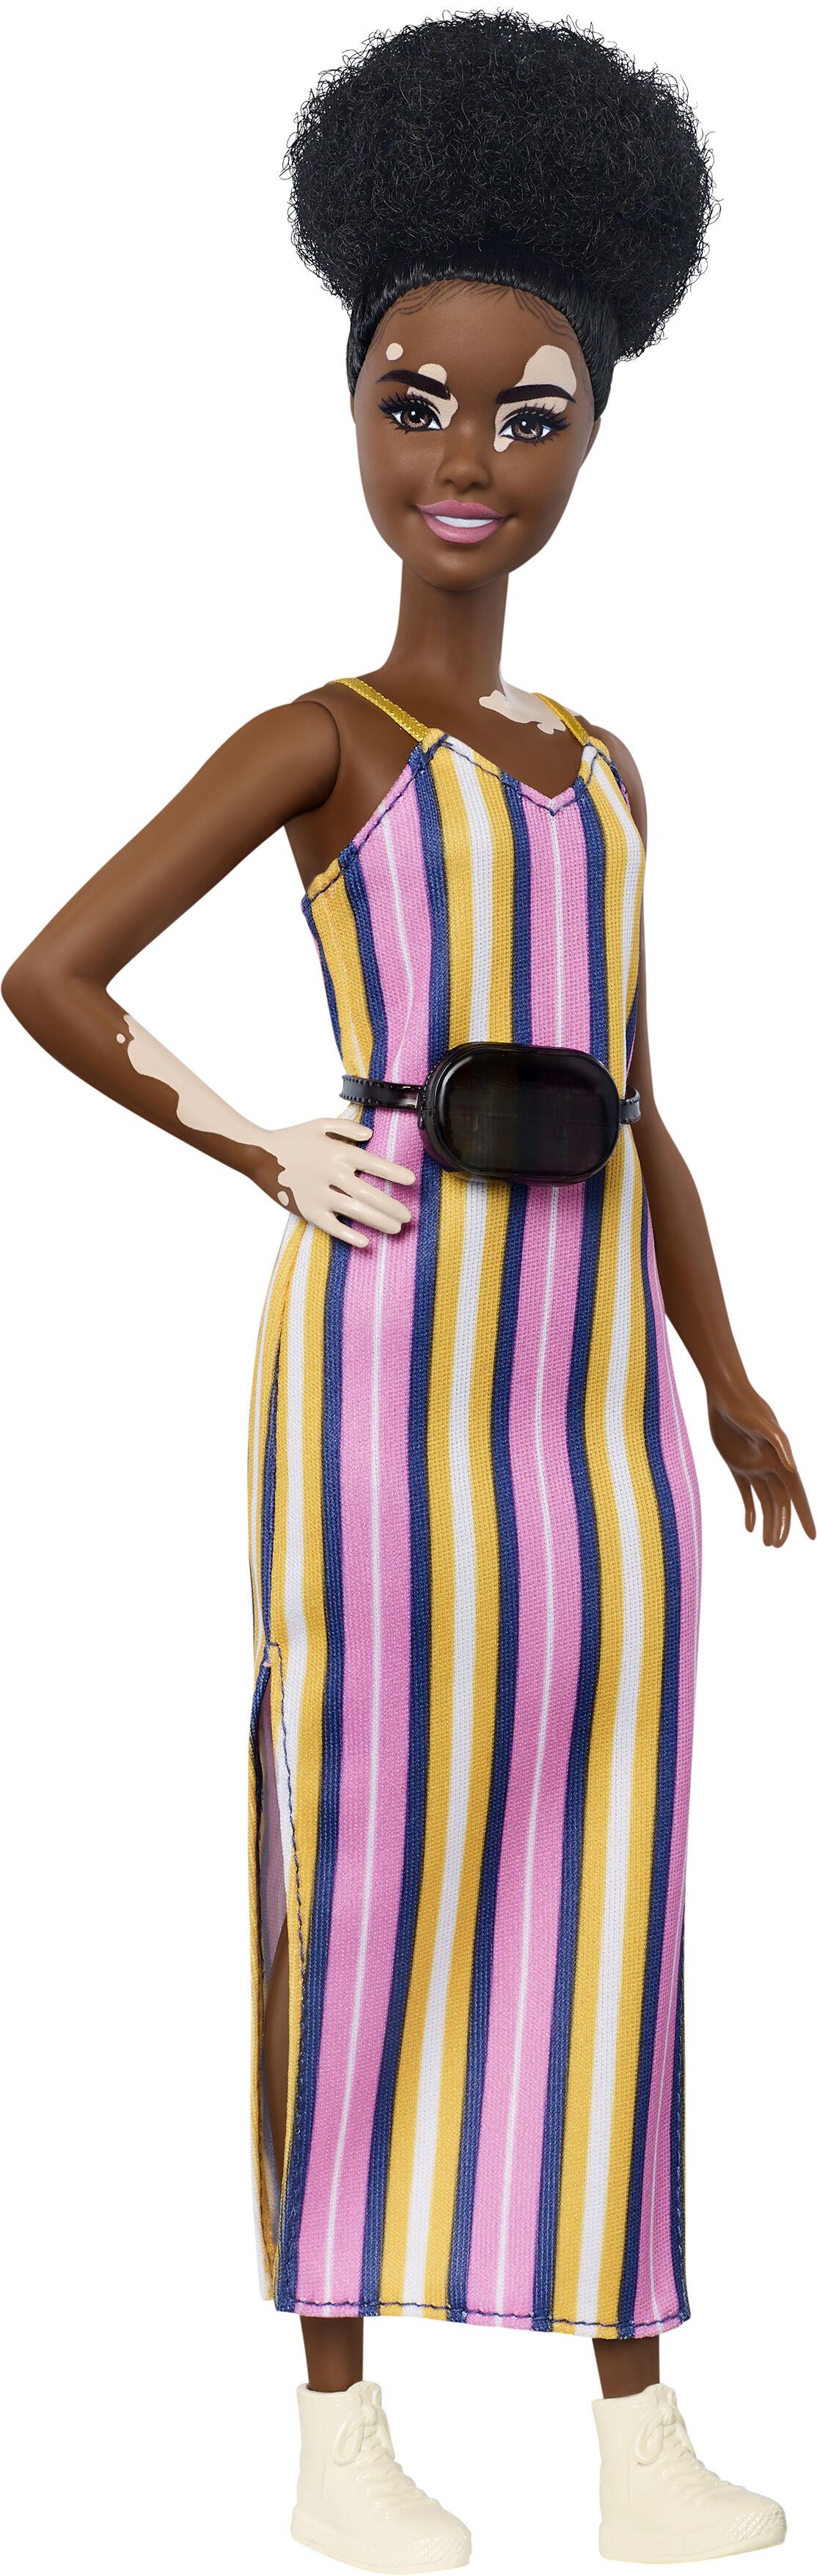 Barbie-lança-bonecas-com-vitiligo-e-careca